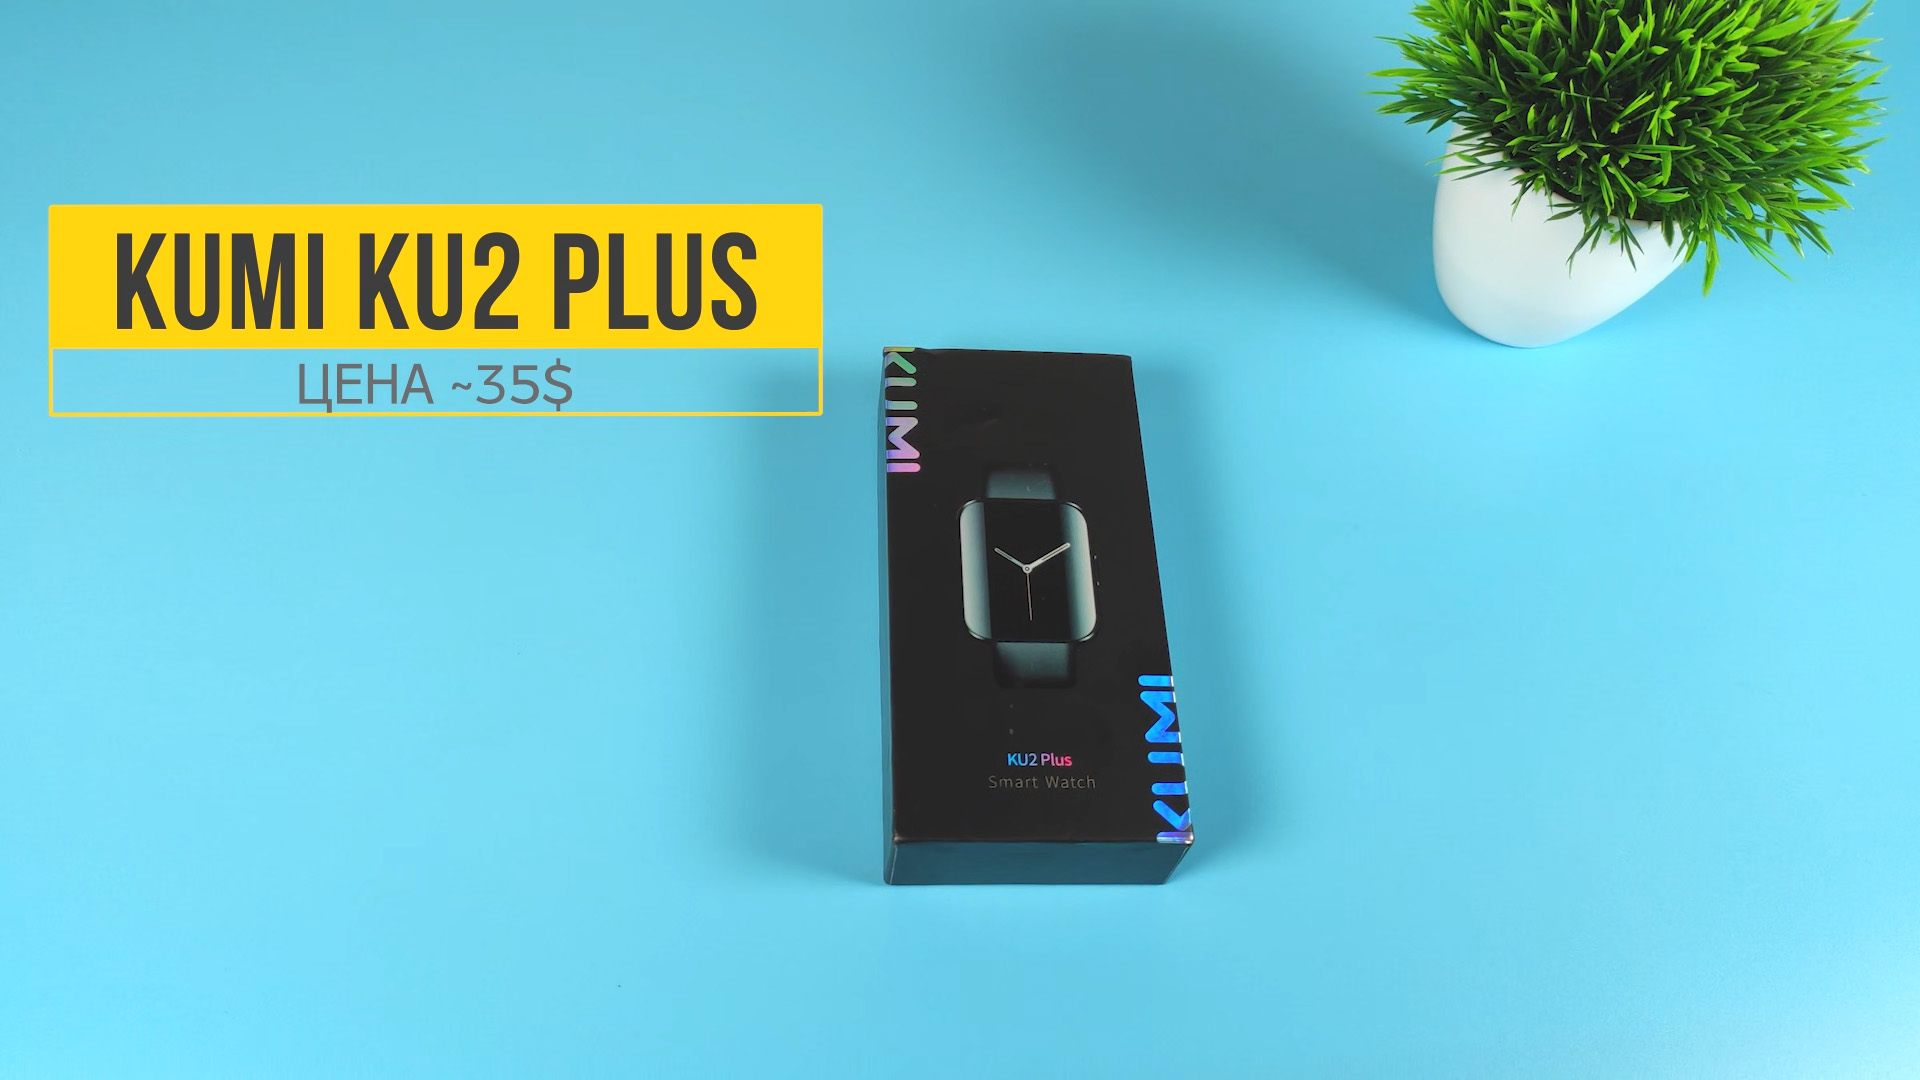 KUMI KU2 PLUS коробка бокс упаковка